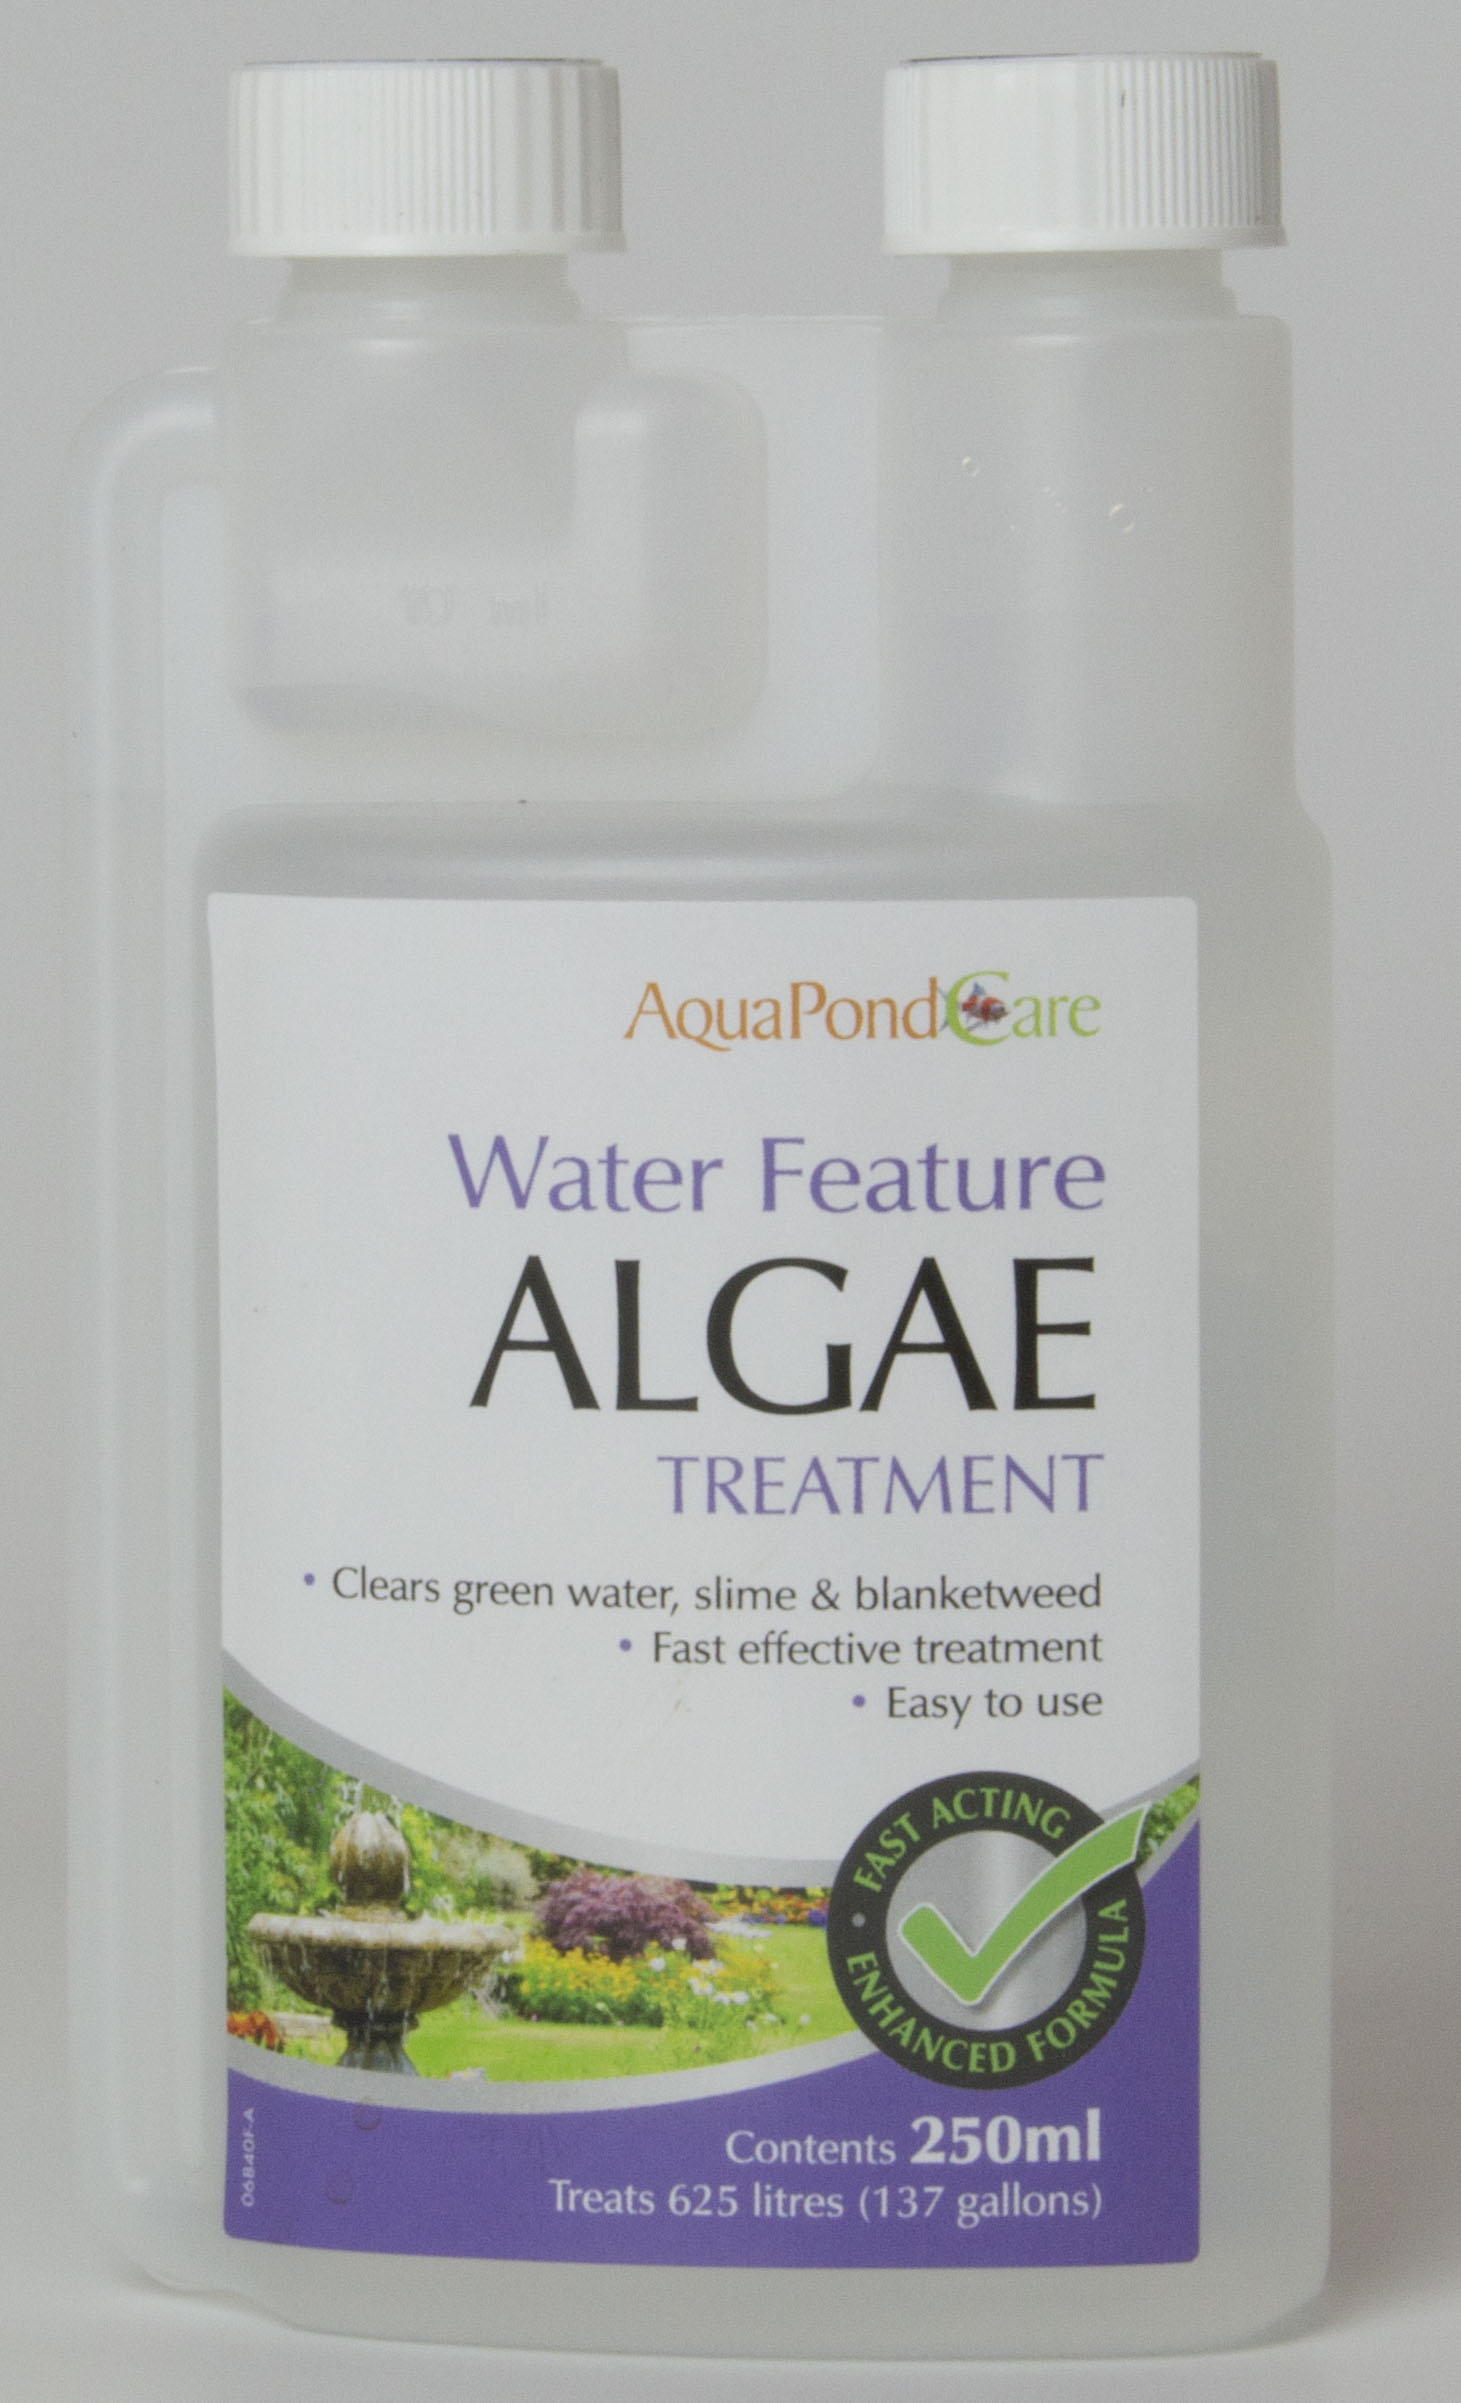 Aquapond Care Water Feature Algae Treatment Maidenhead Aquatics